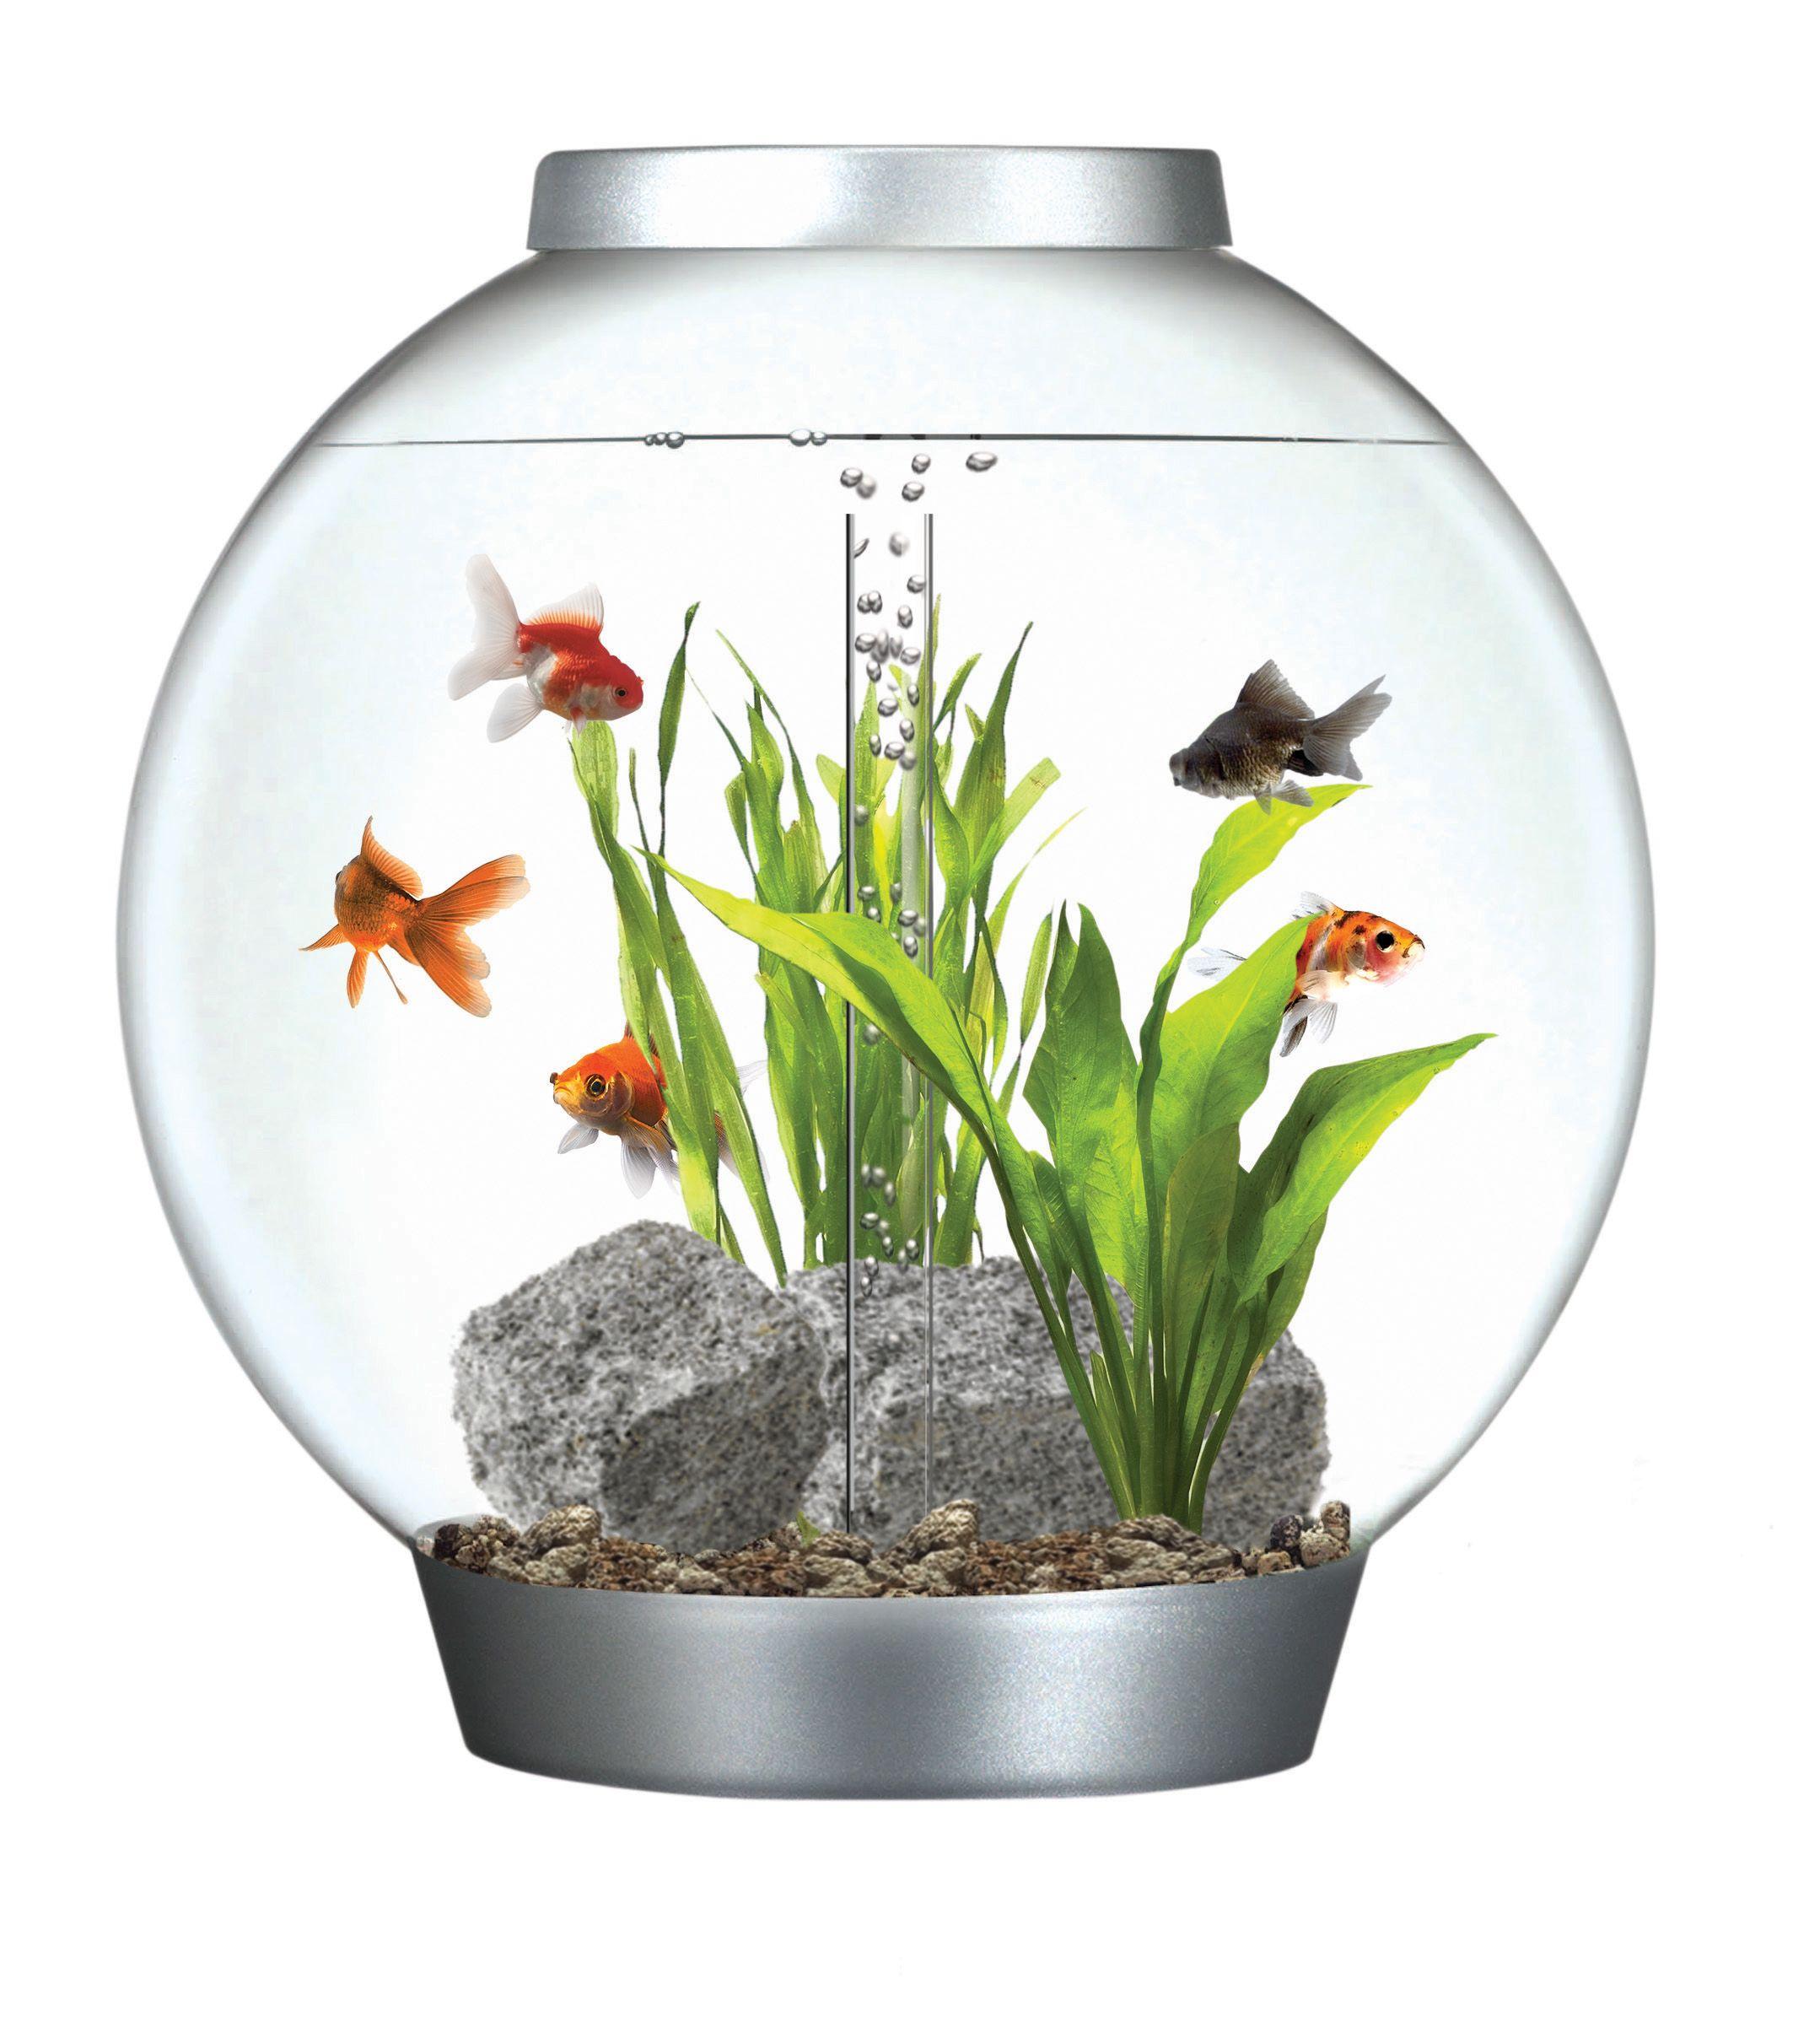 Desk aquarium fish tank - Biorb Desktop Aquarium